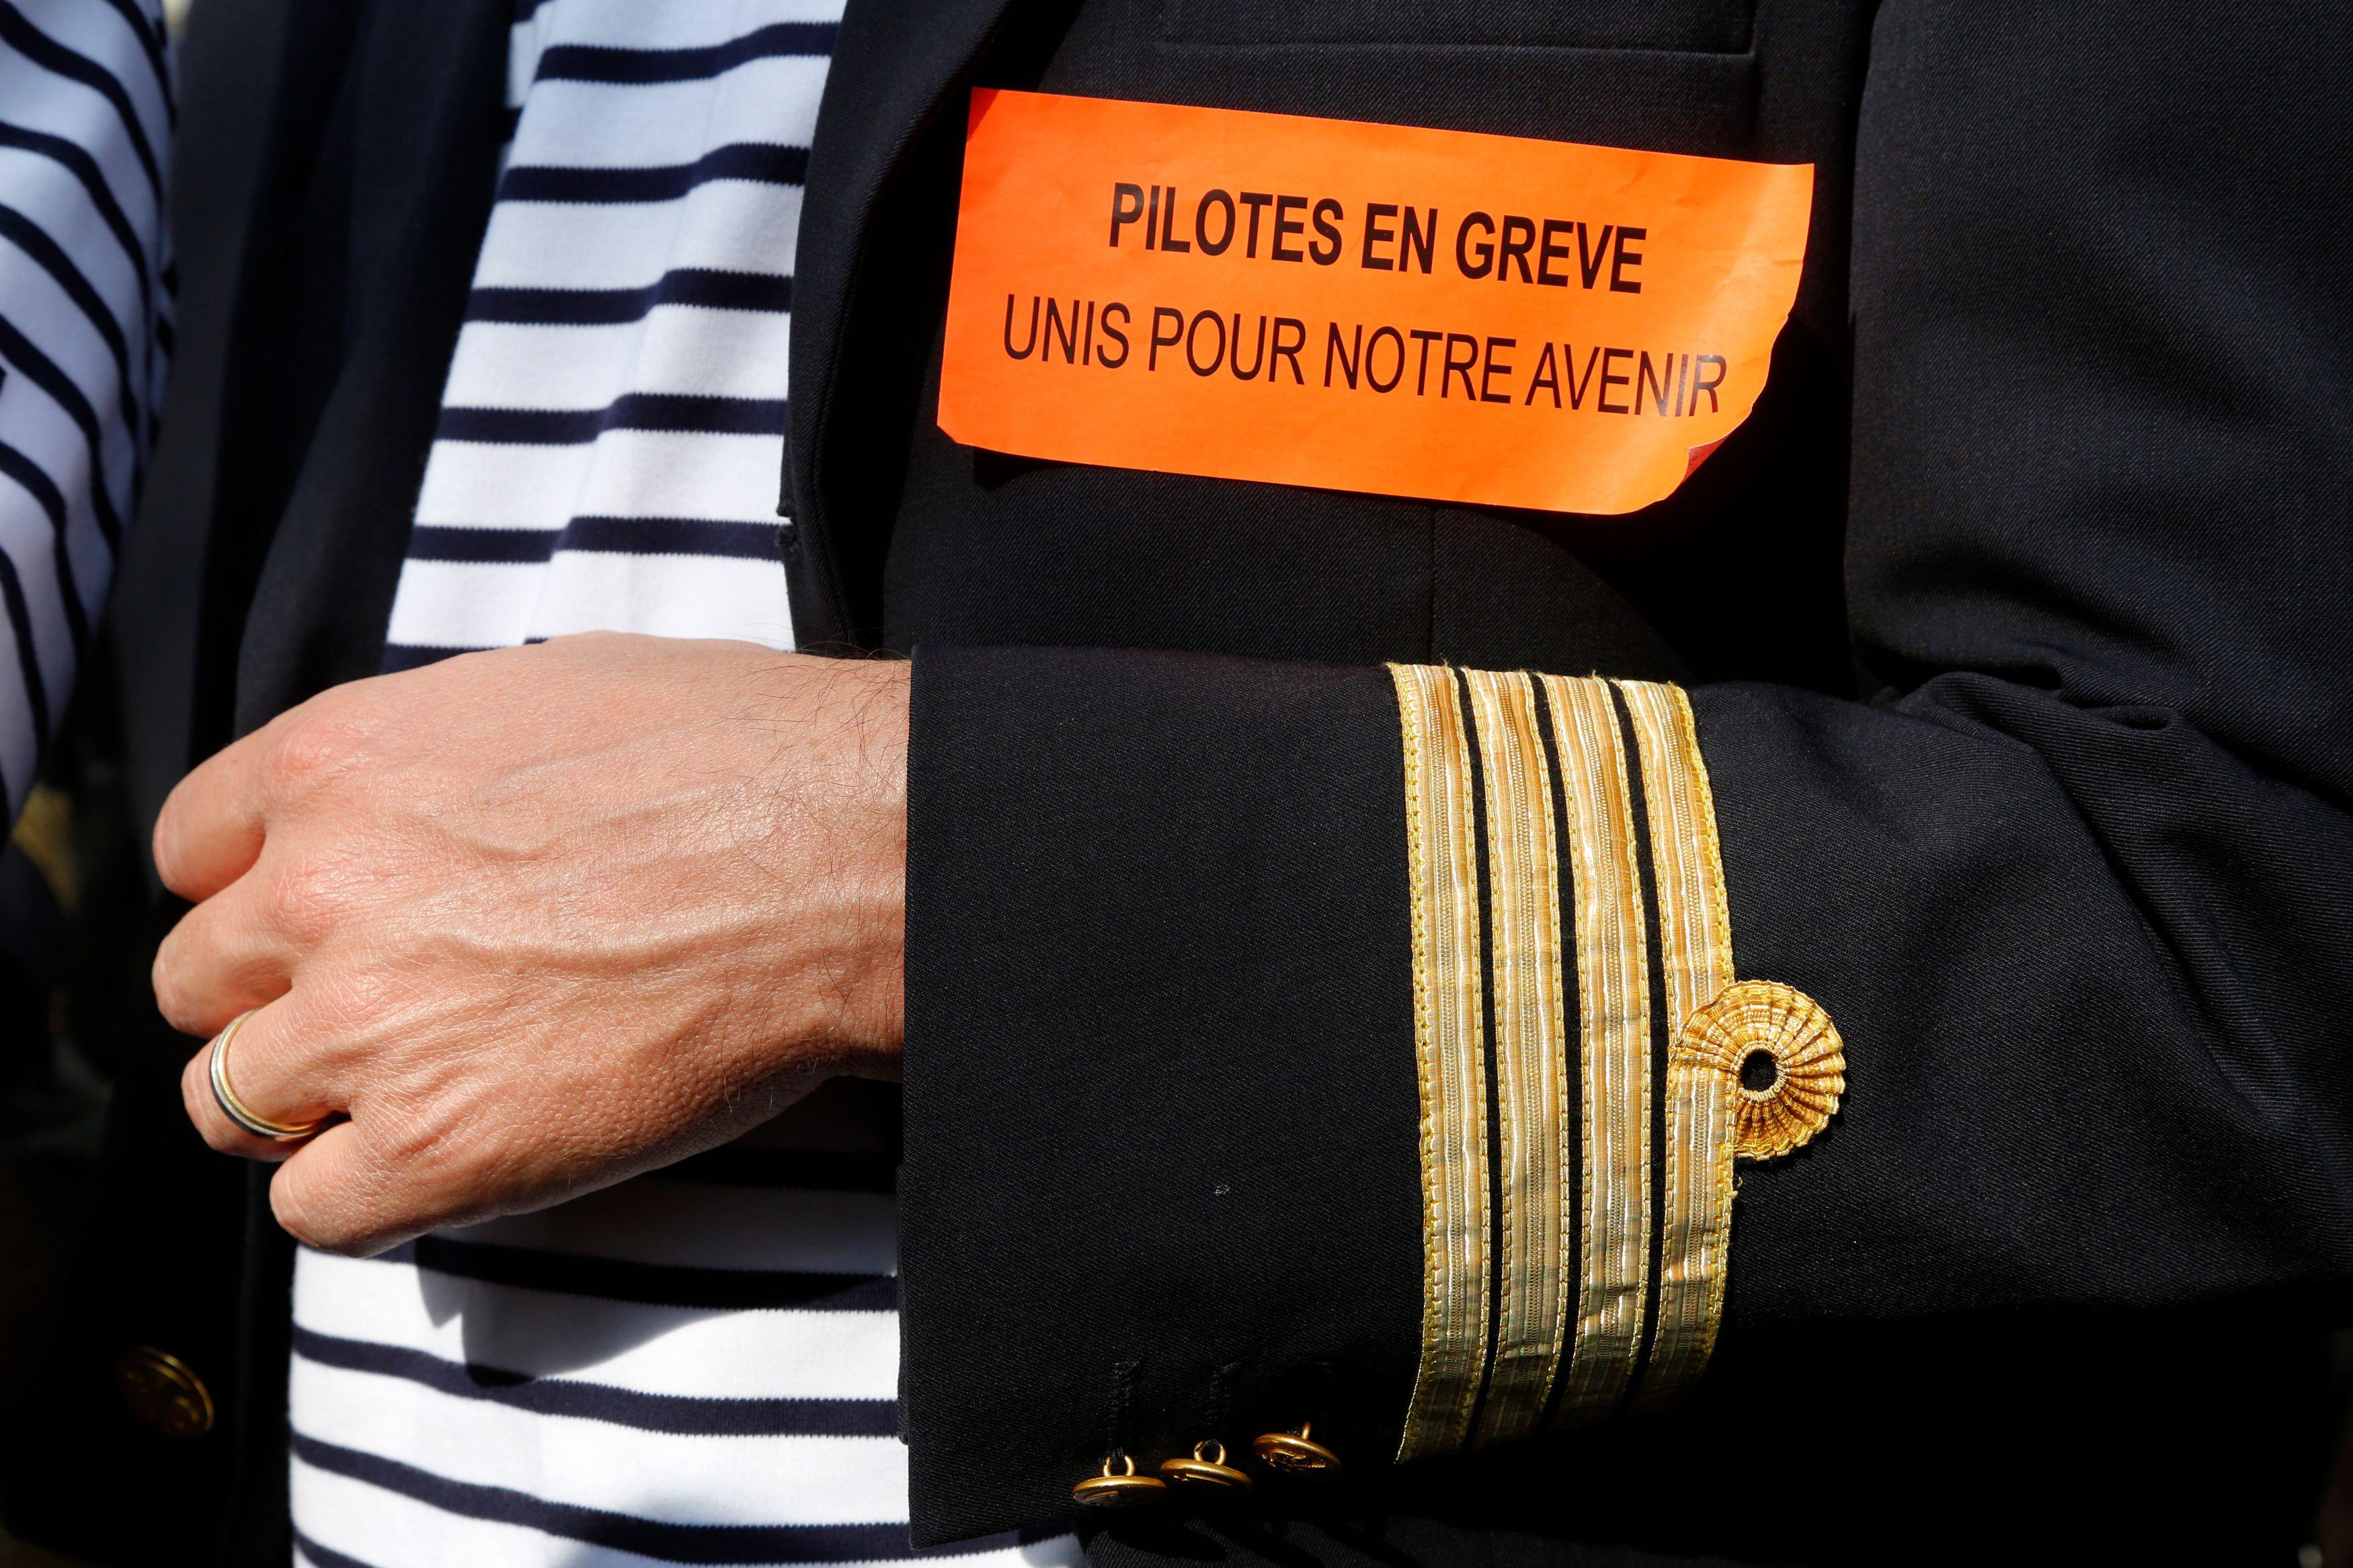 Les pilotes d'Air France acceptent l'accord sur Transavia